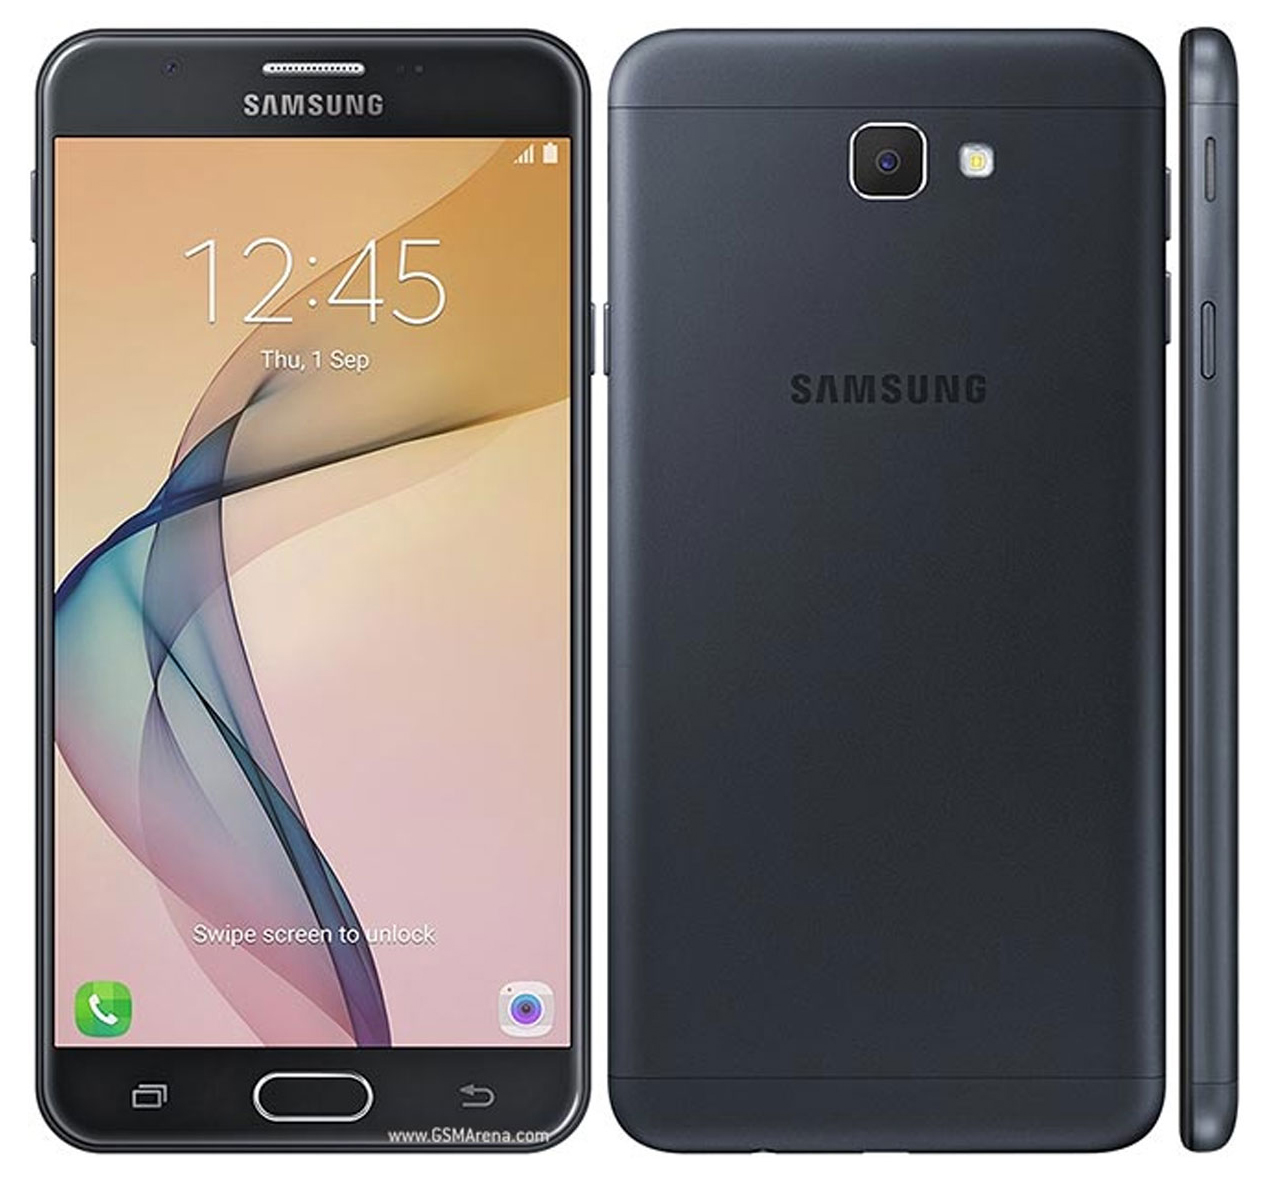 Ulasan Samsung J7 Prime Smartphone Baru Kelas Menengah Mygadgetekno Voucher Bypass Icloud Ios 11 Atau Keatas Untuk Iphone 6s Bisa Sampai 7 Plus